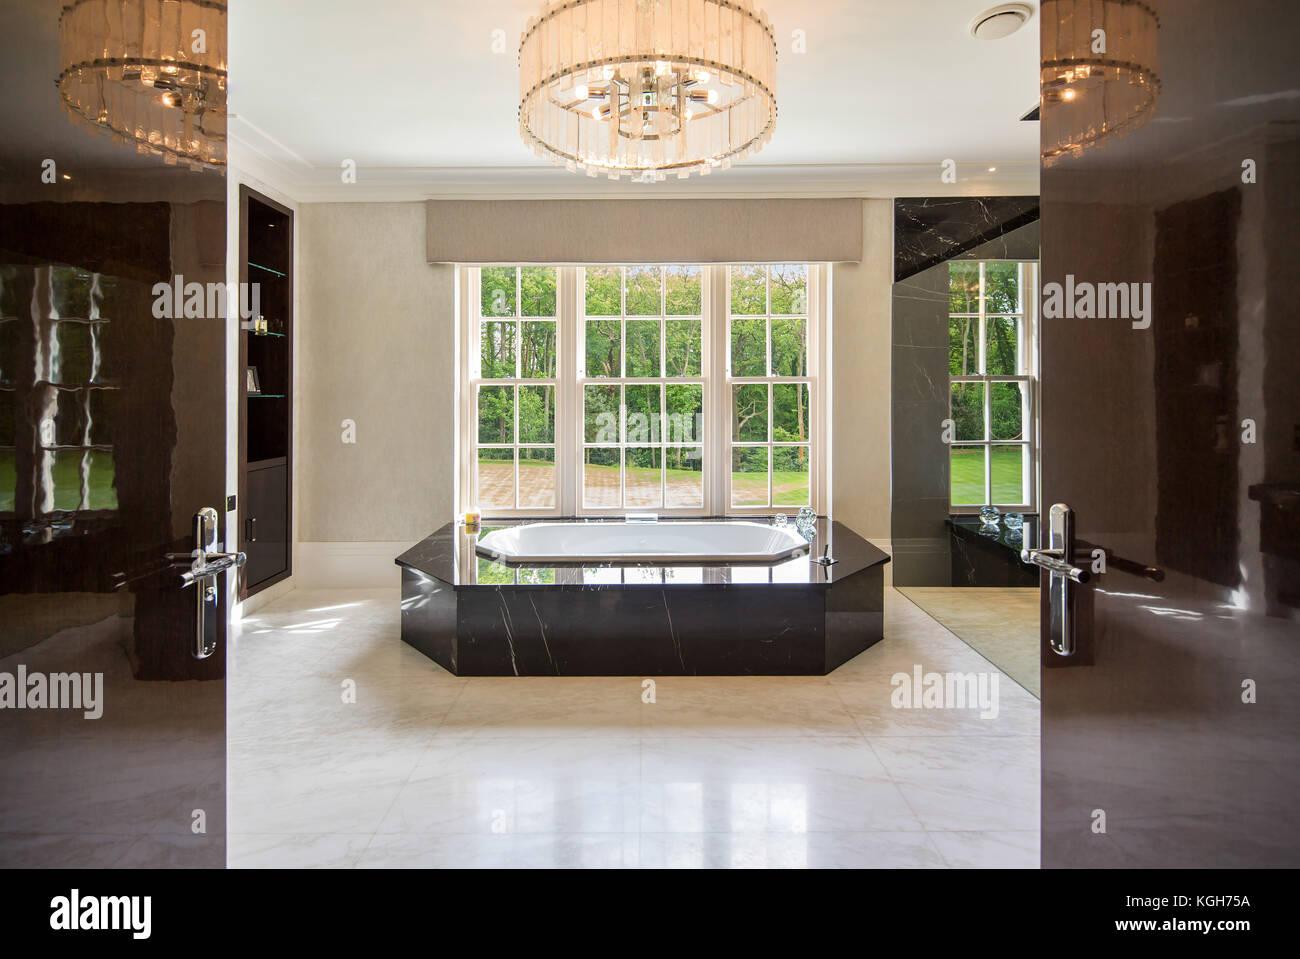 Grand double porte che conducono alla stanza da bagno di lusso con